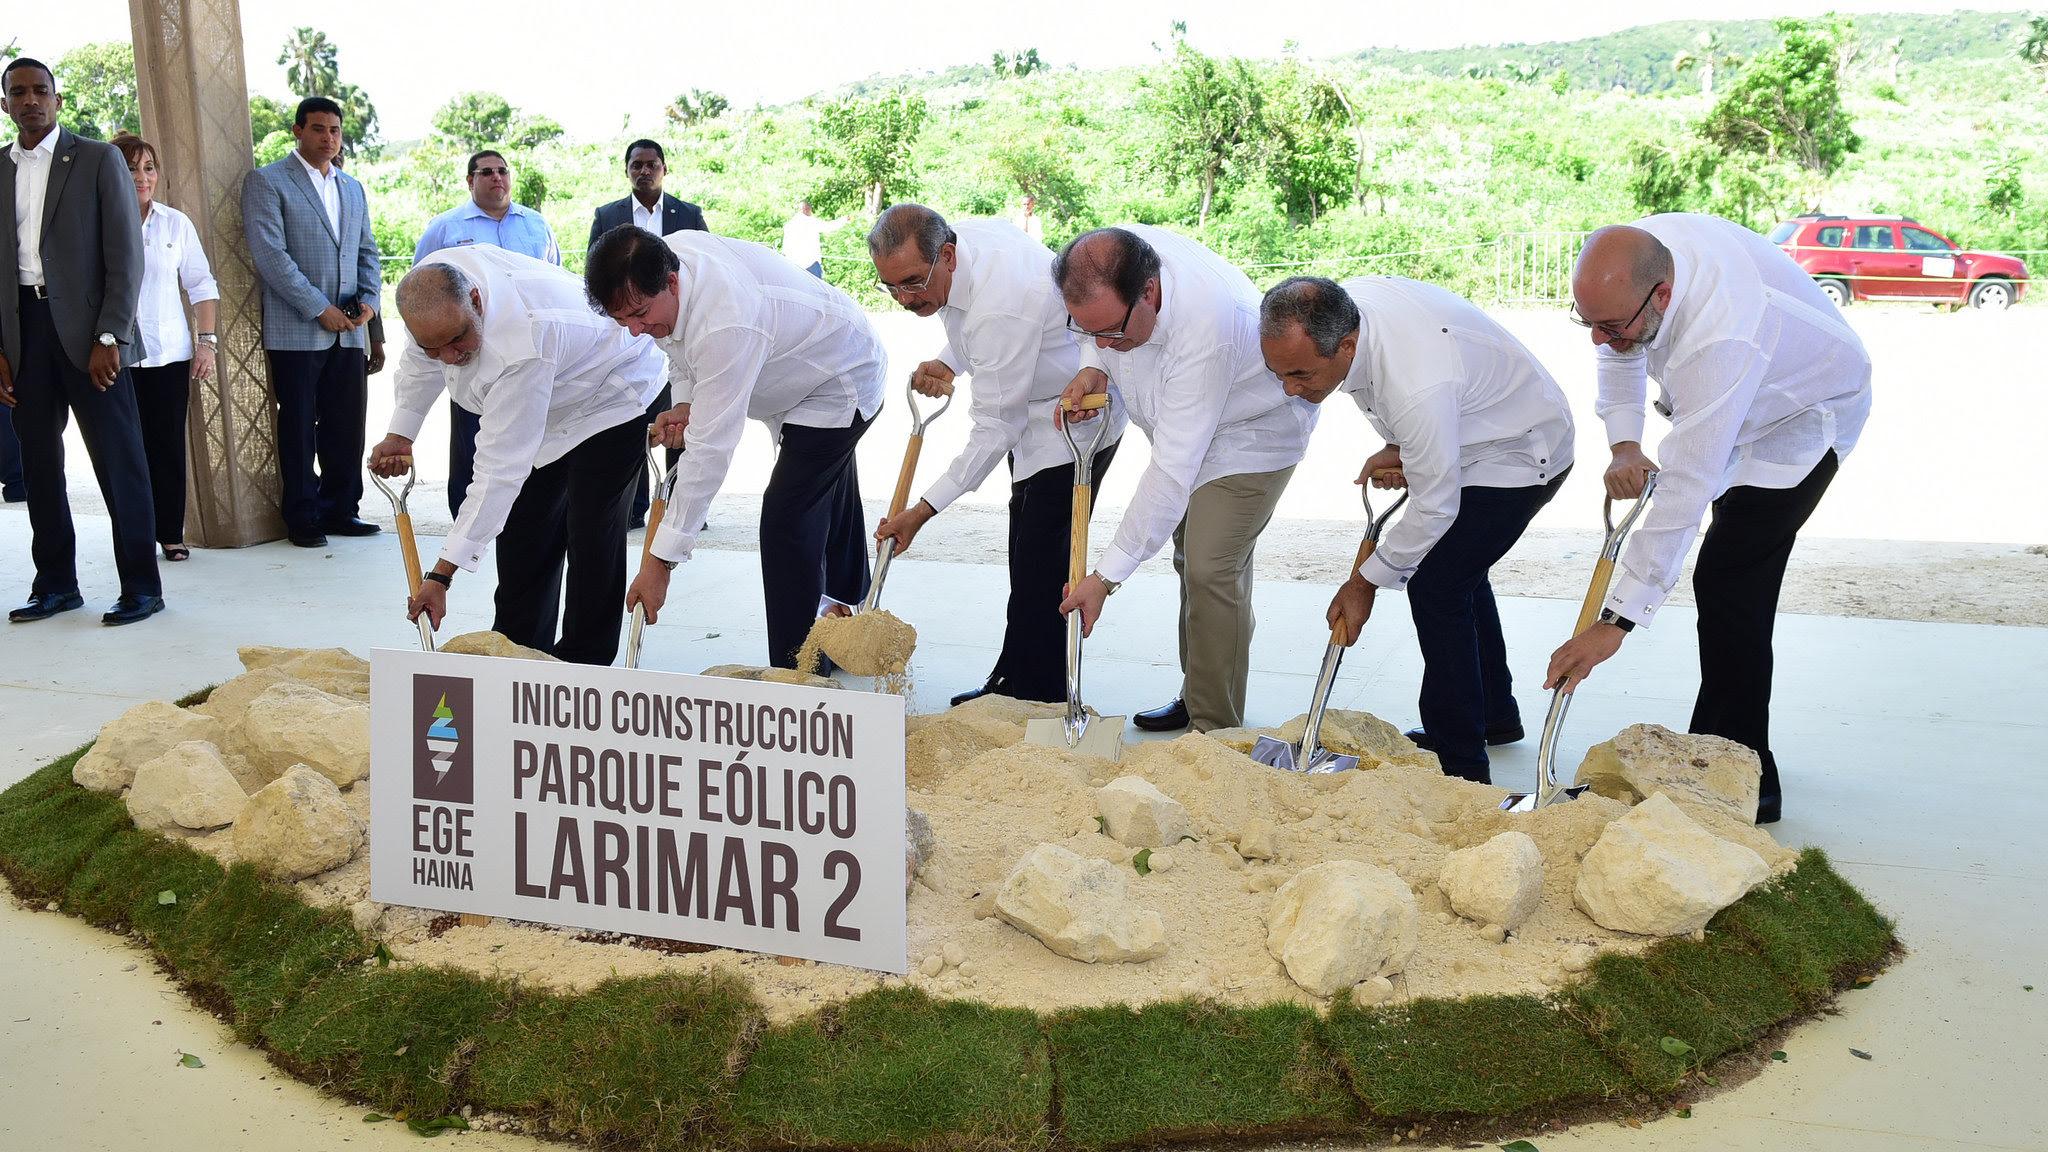 , Más energía limpia: Danilo Medina da primer palazo construcción parque eólico Larimar 2 en Barahona